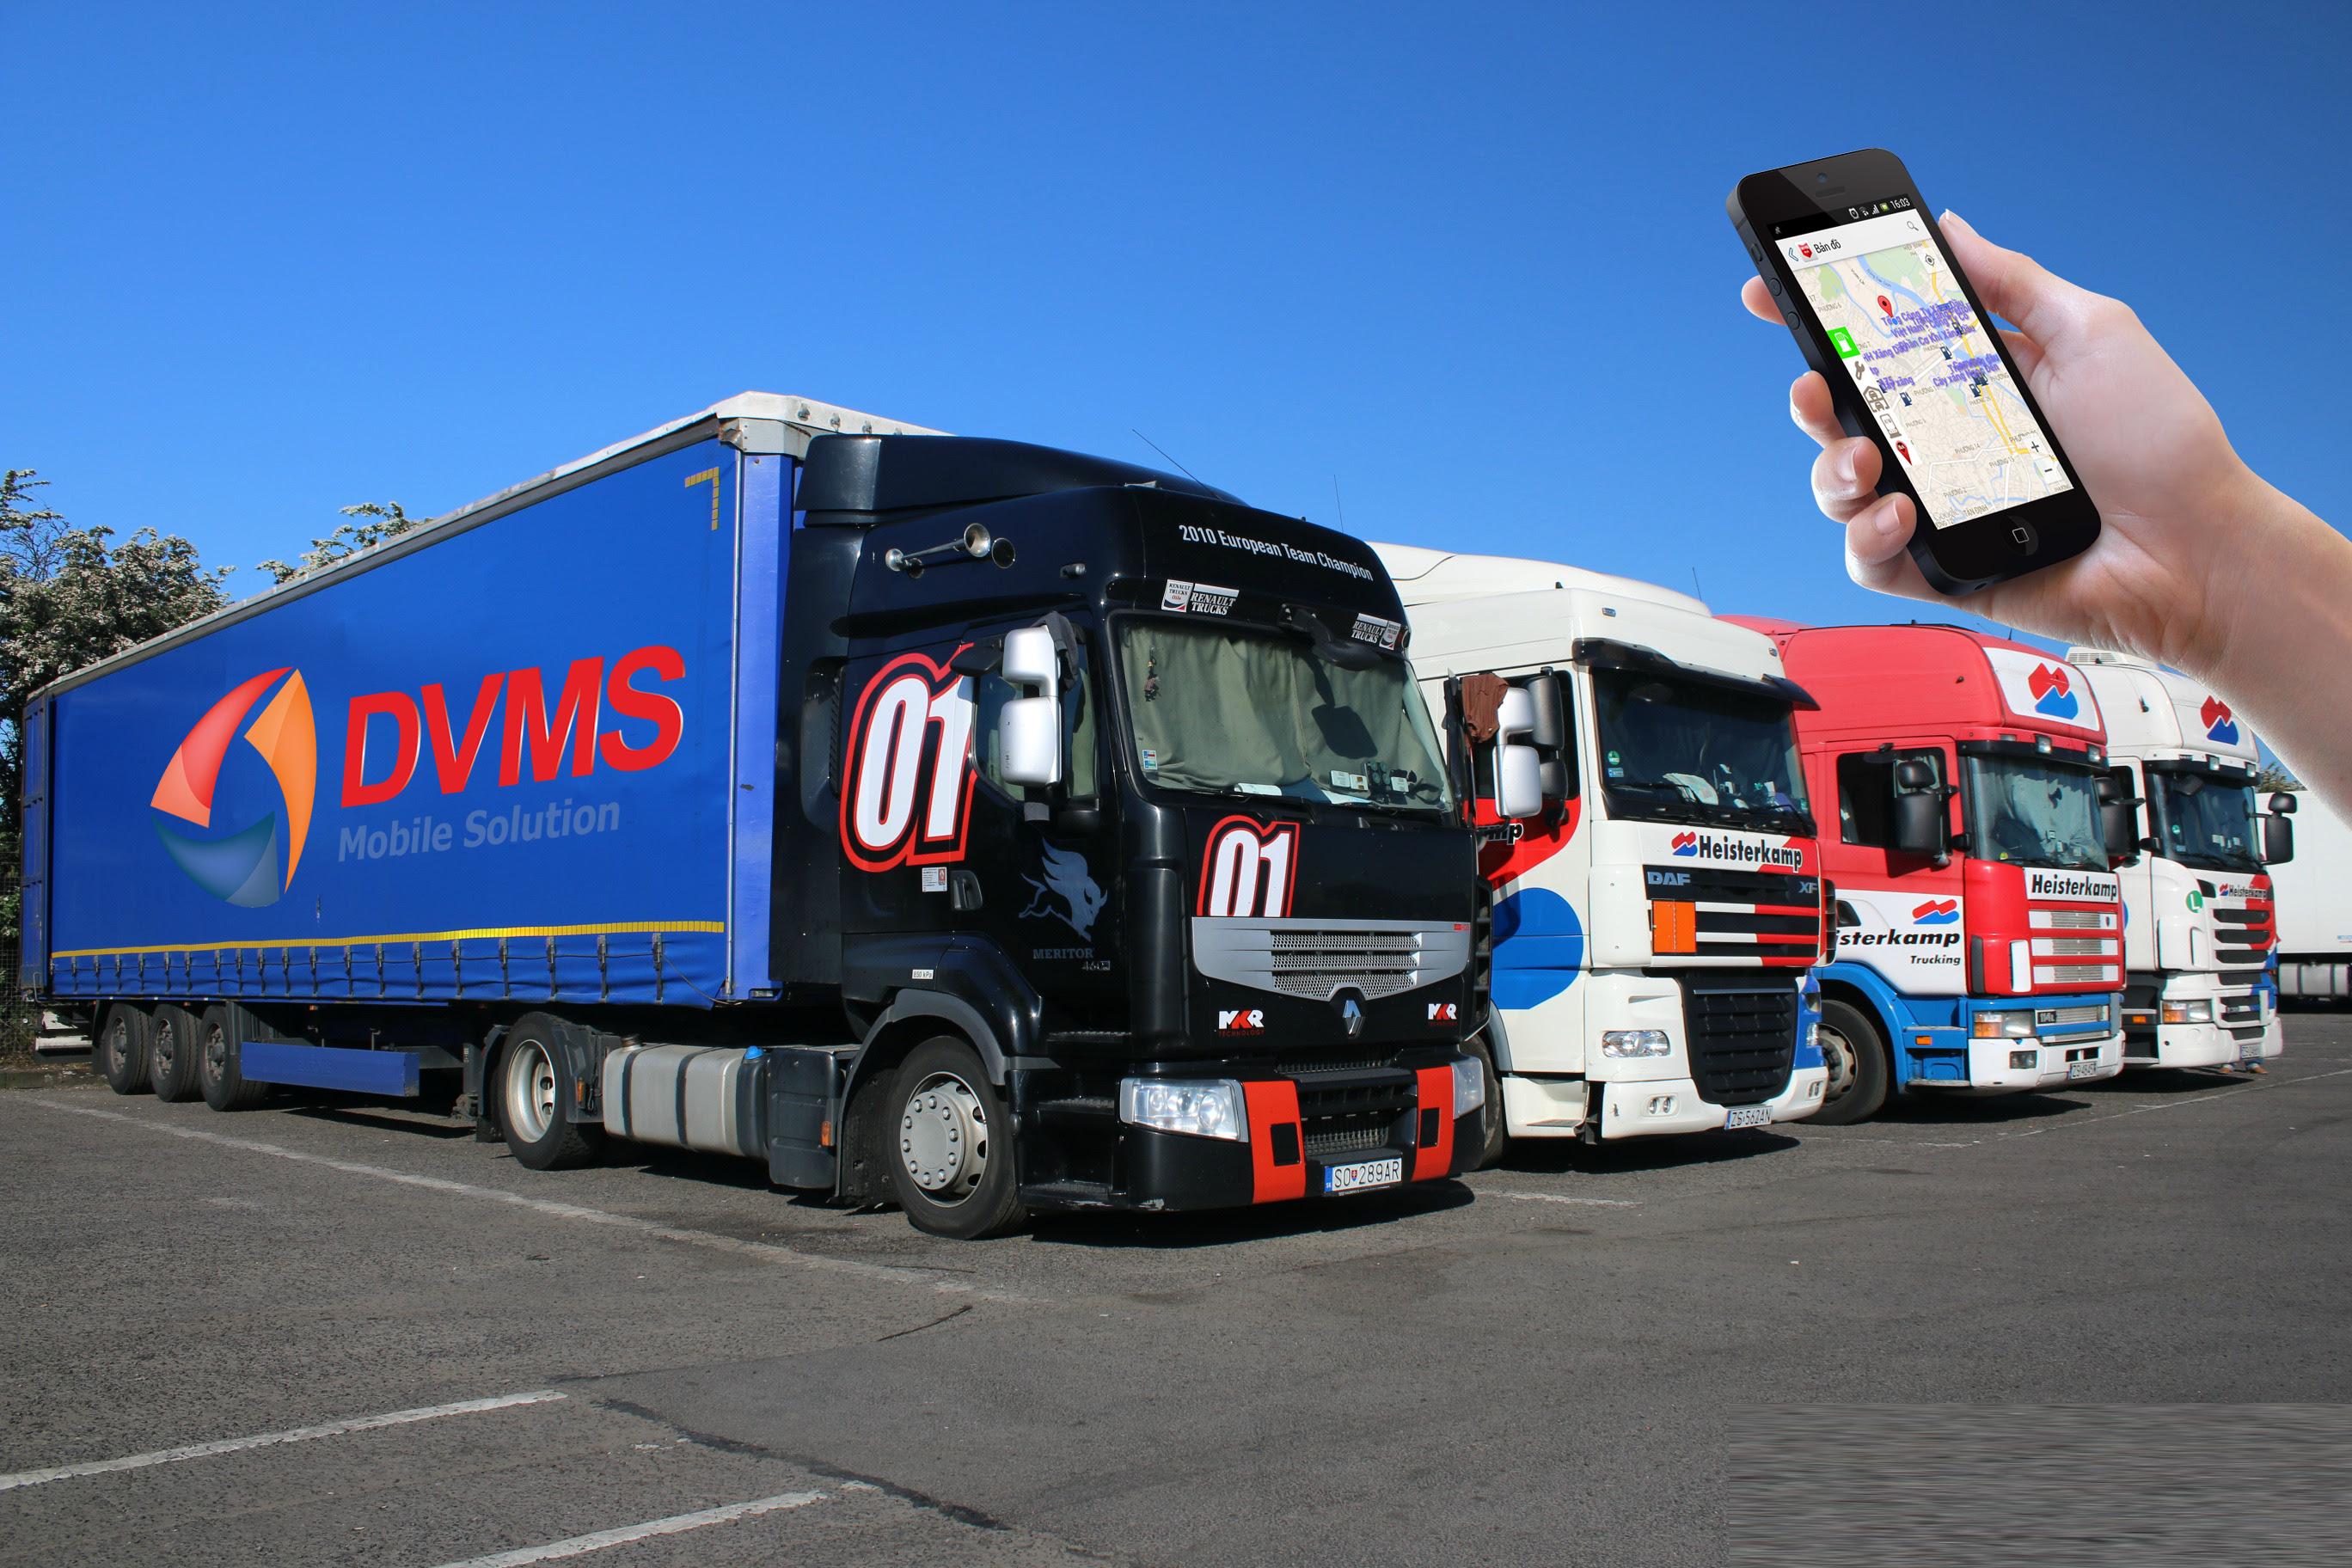 Điều hành đội phương tiện giao thông là giải quyết bài toán tối ưu trong vận tải?